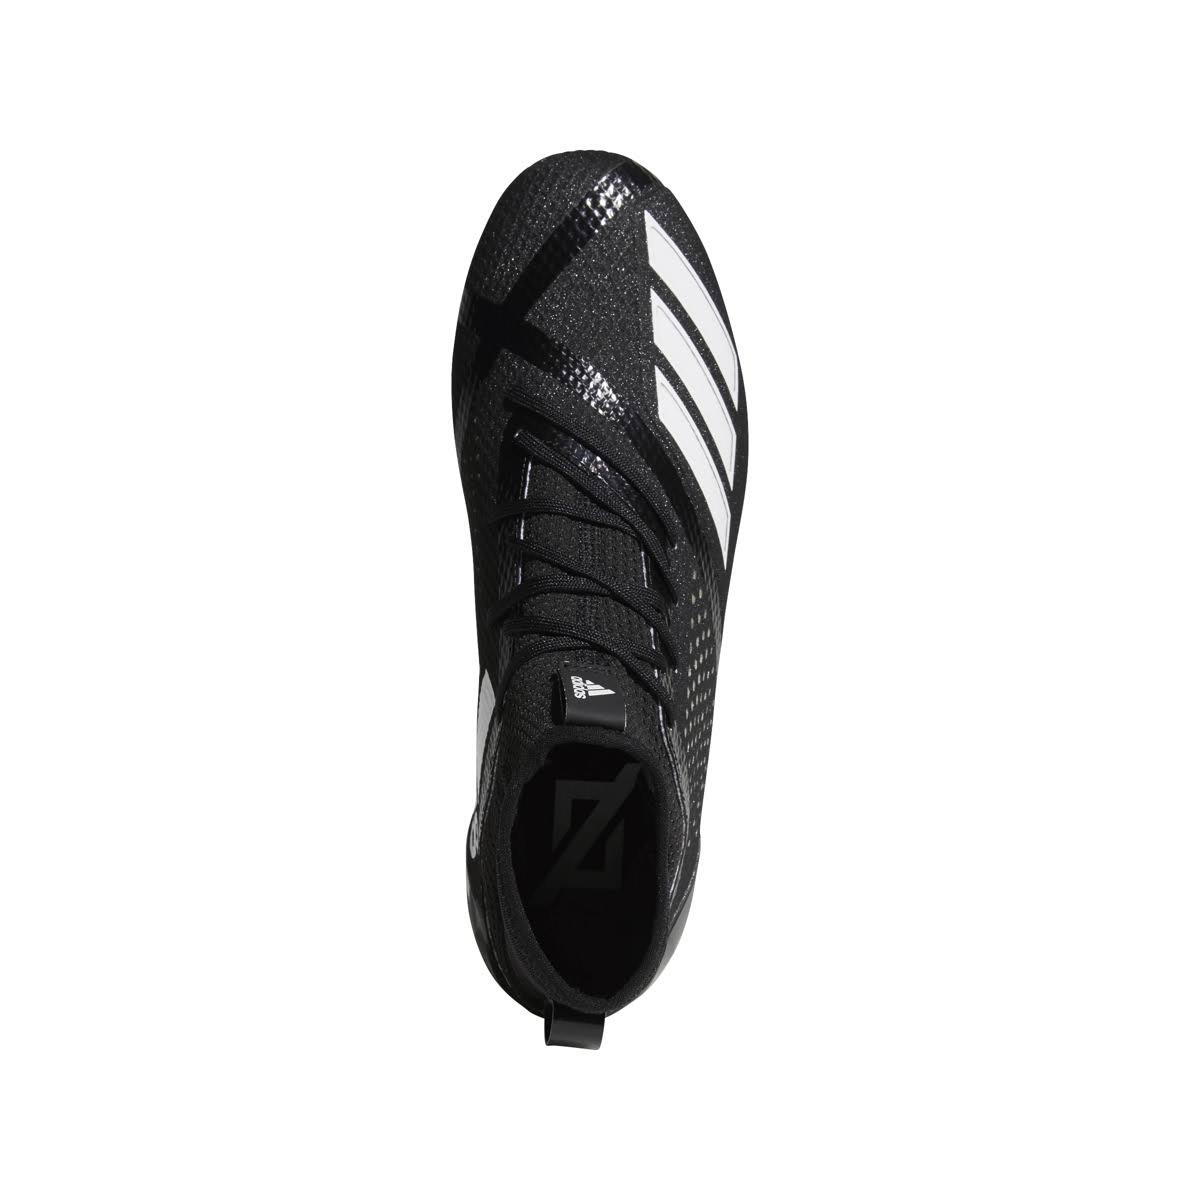 7 5 Tamaño Para Adidas 0 Adizero 5 B27977 Zapatos 6 Estrellas Hombre Mid vv0tH7q